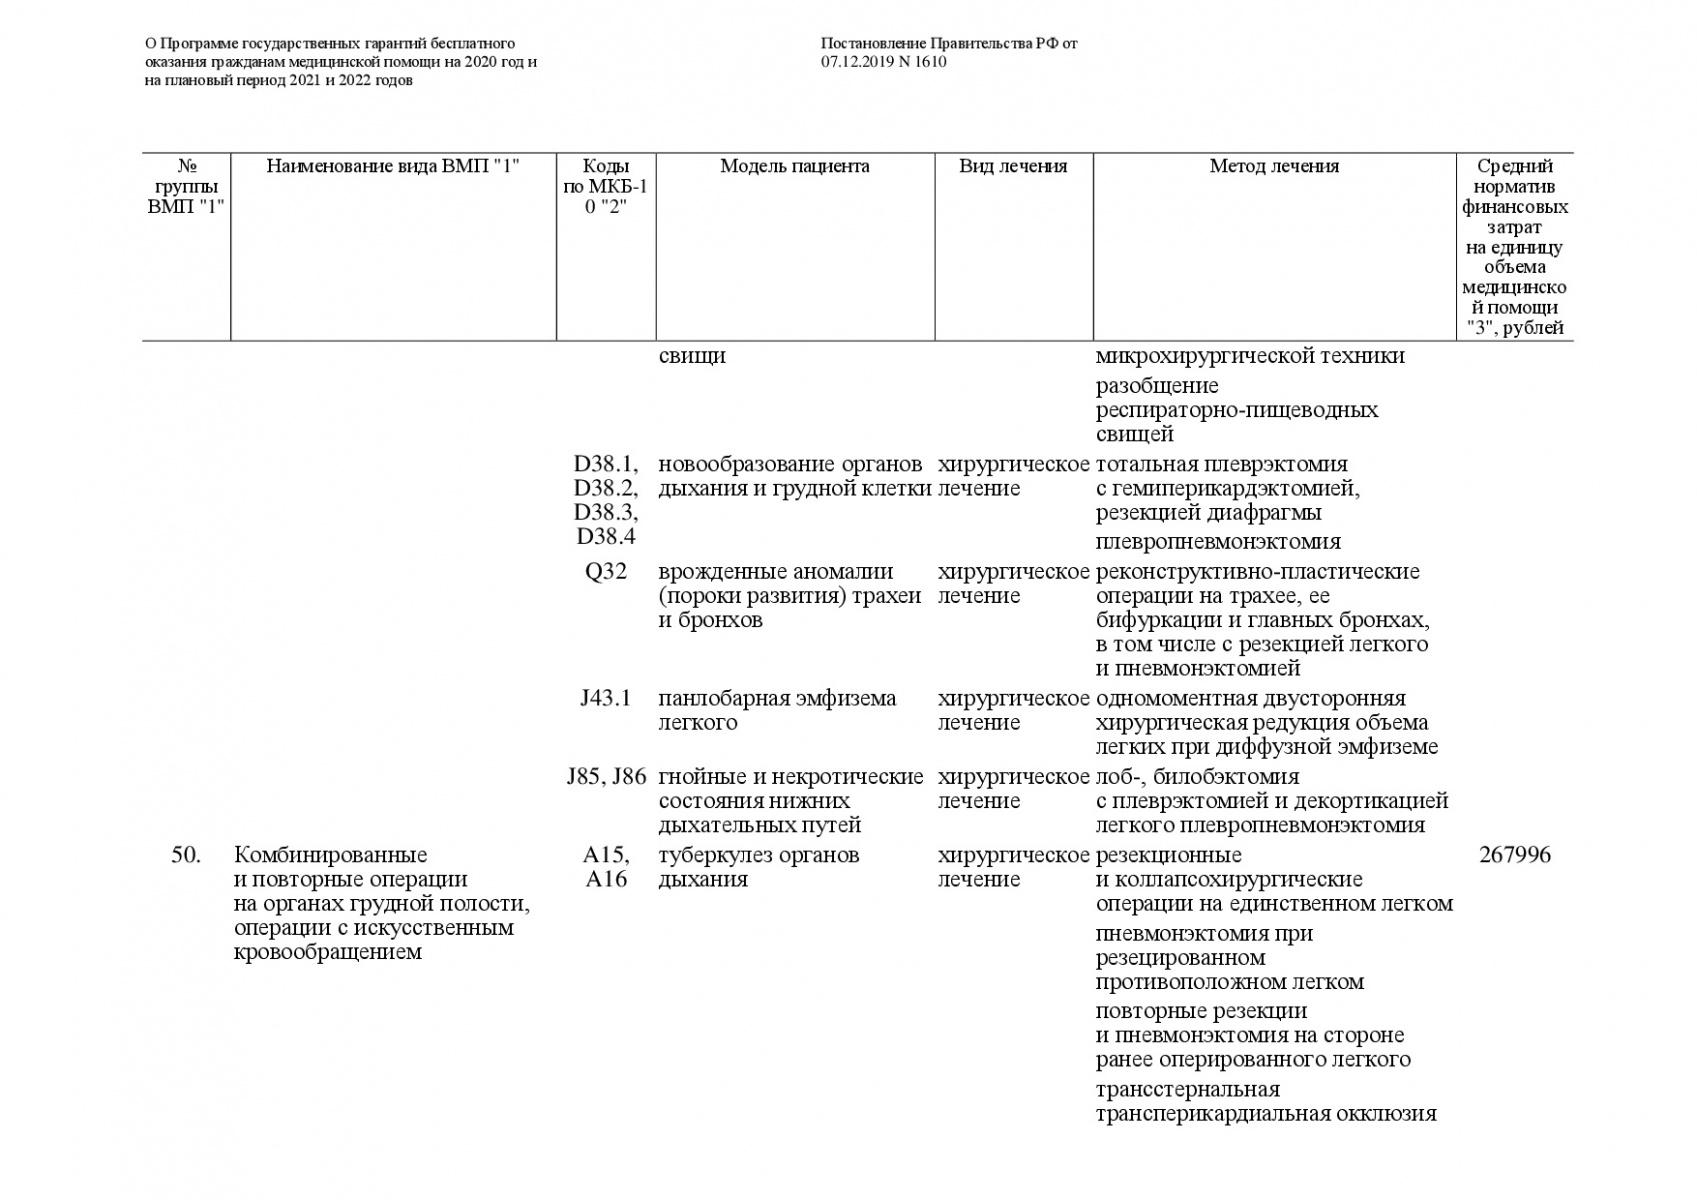 Postanovlenie-Pravitelstva-RF-ot-07_12_2019-1610-O-PGG-268